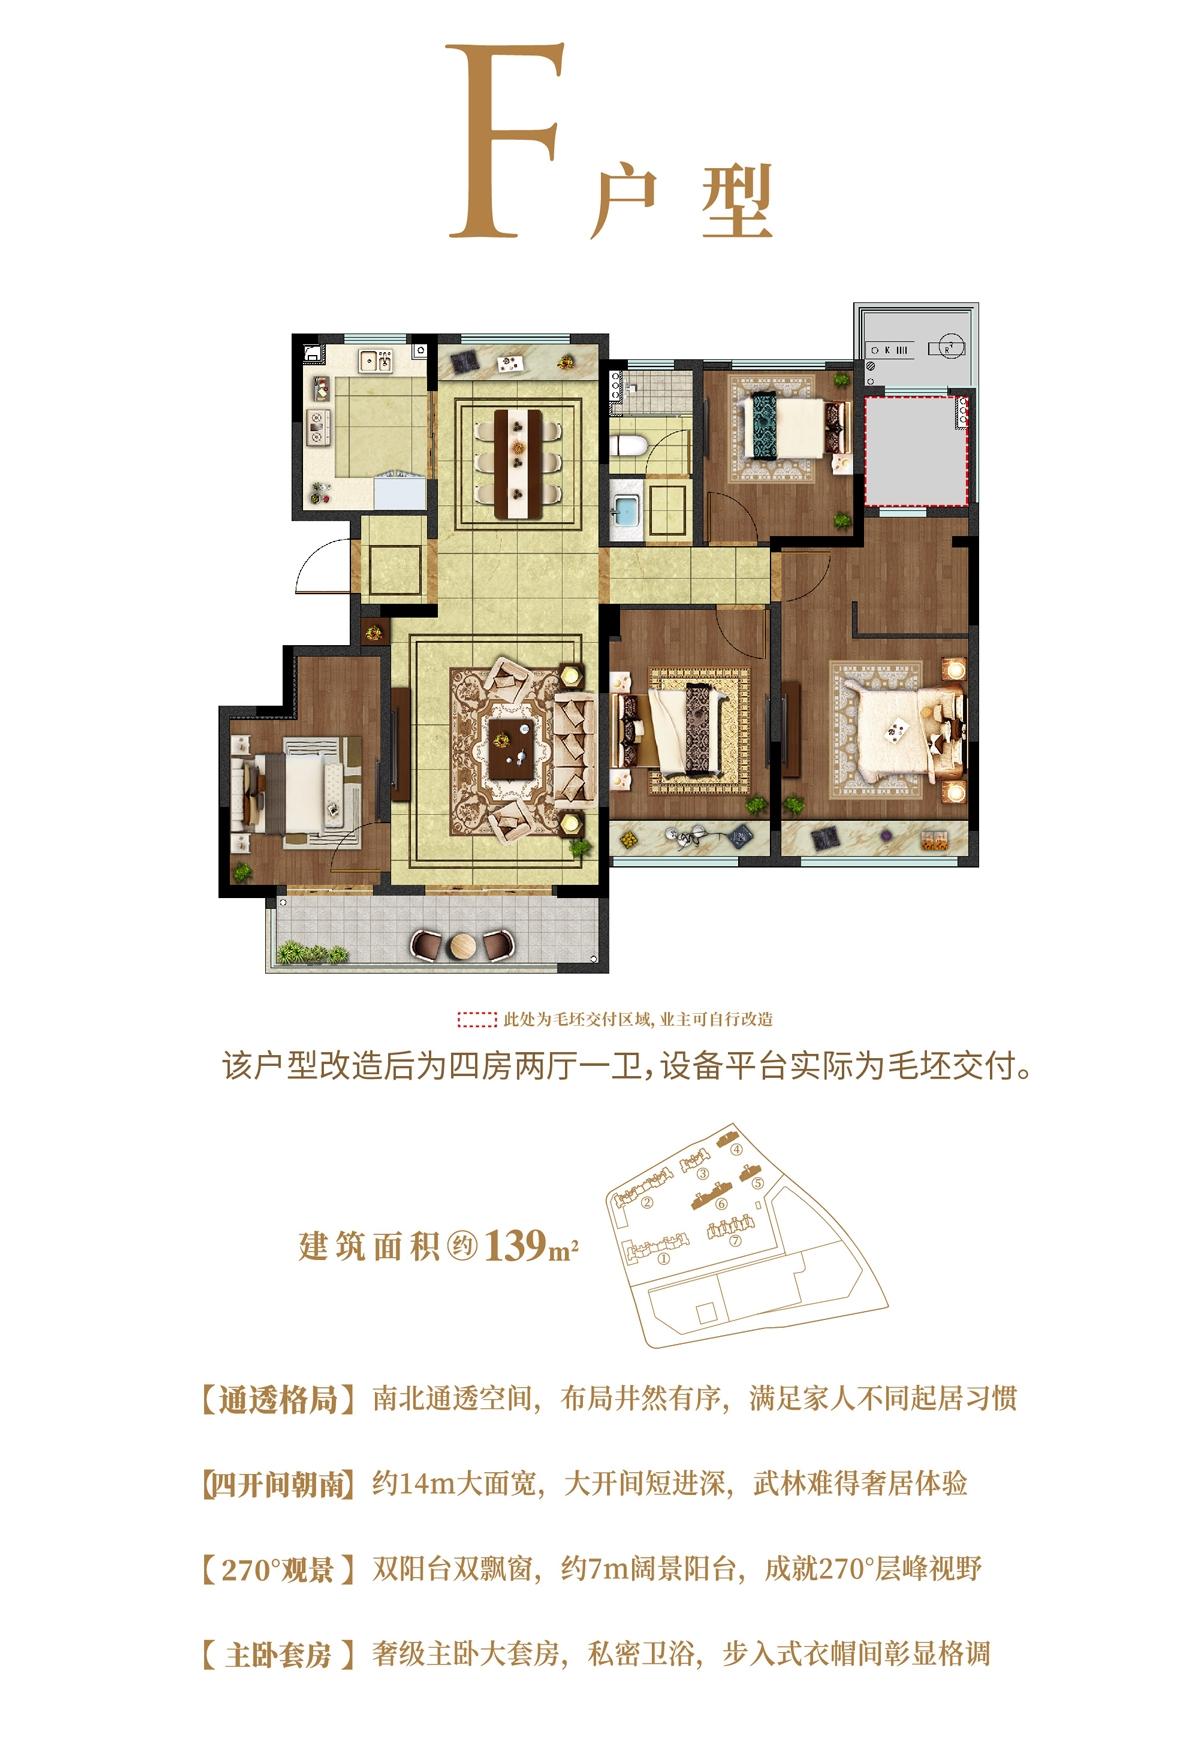 龙湖武林上城F户型约139㎡装修建议图(4-6#)